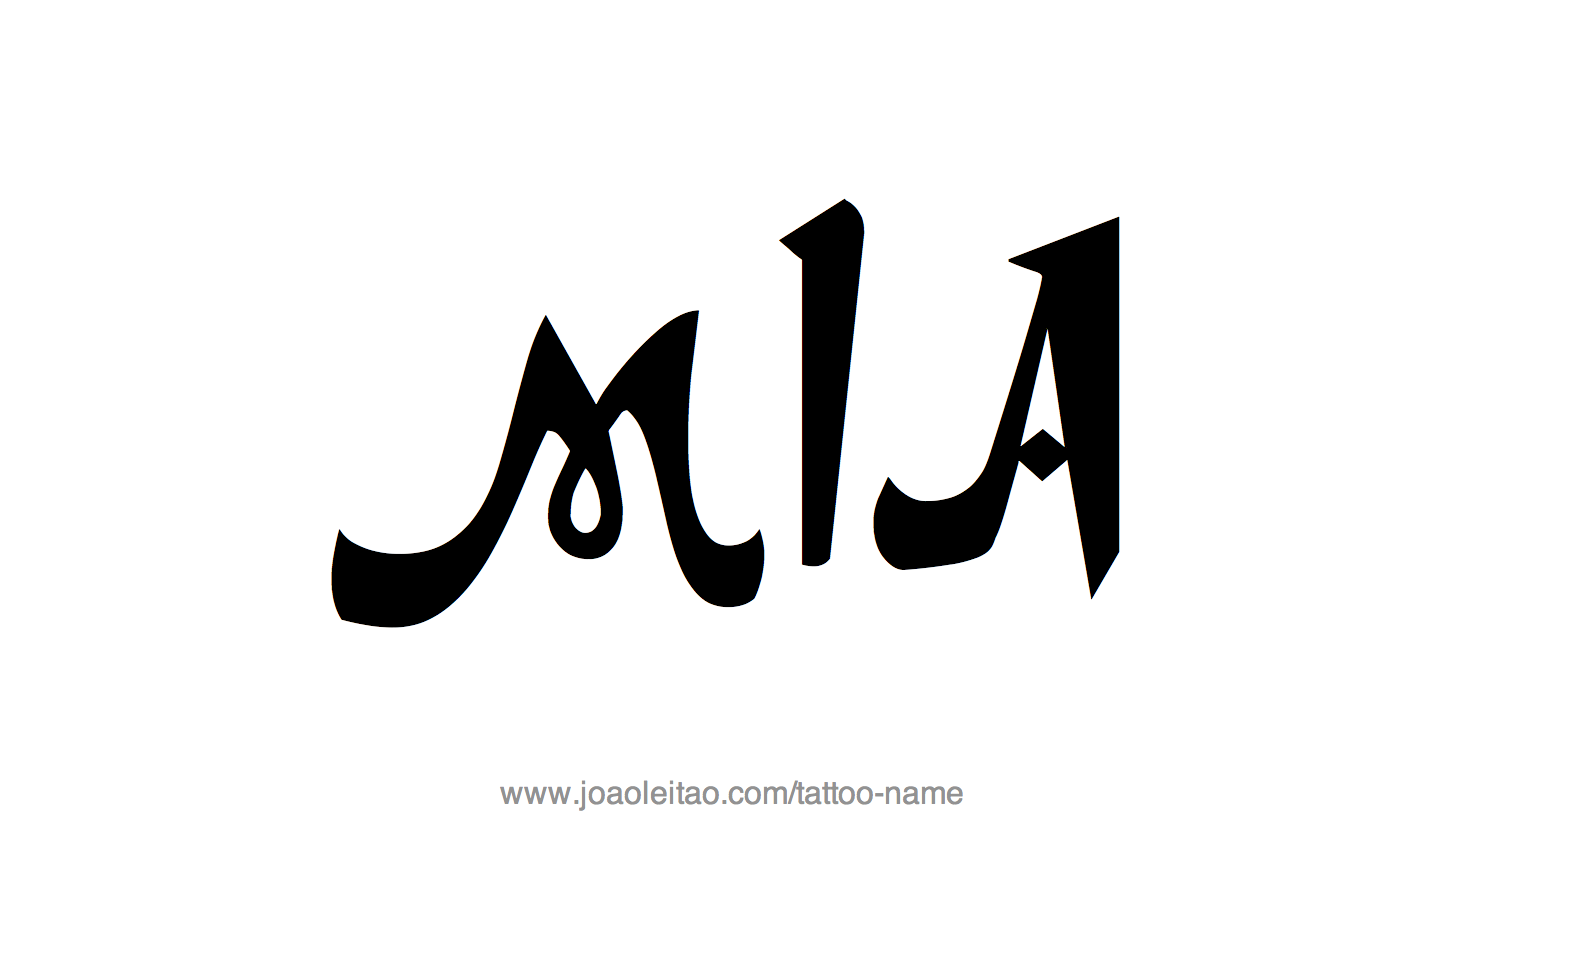 Name: Mia Name Tattoo Designs